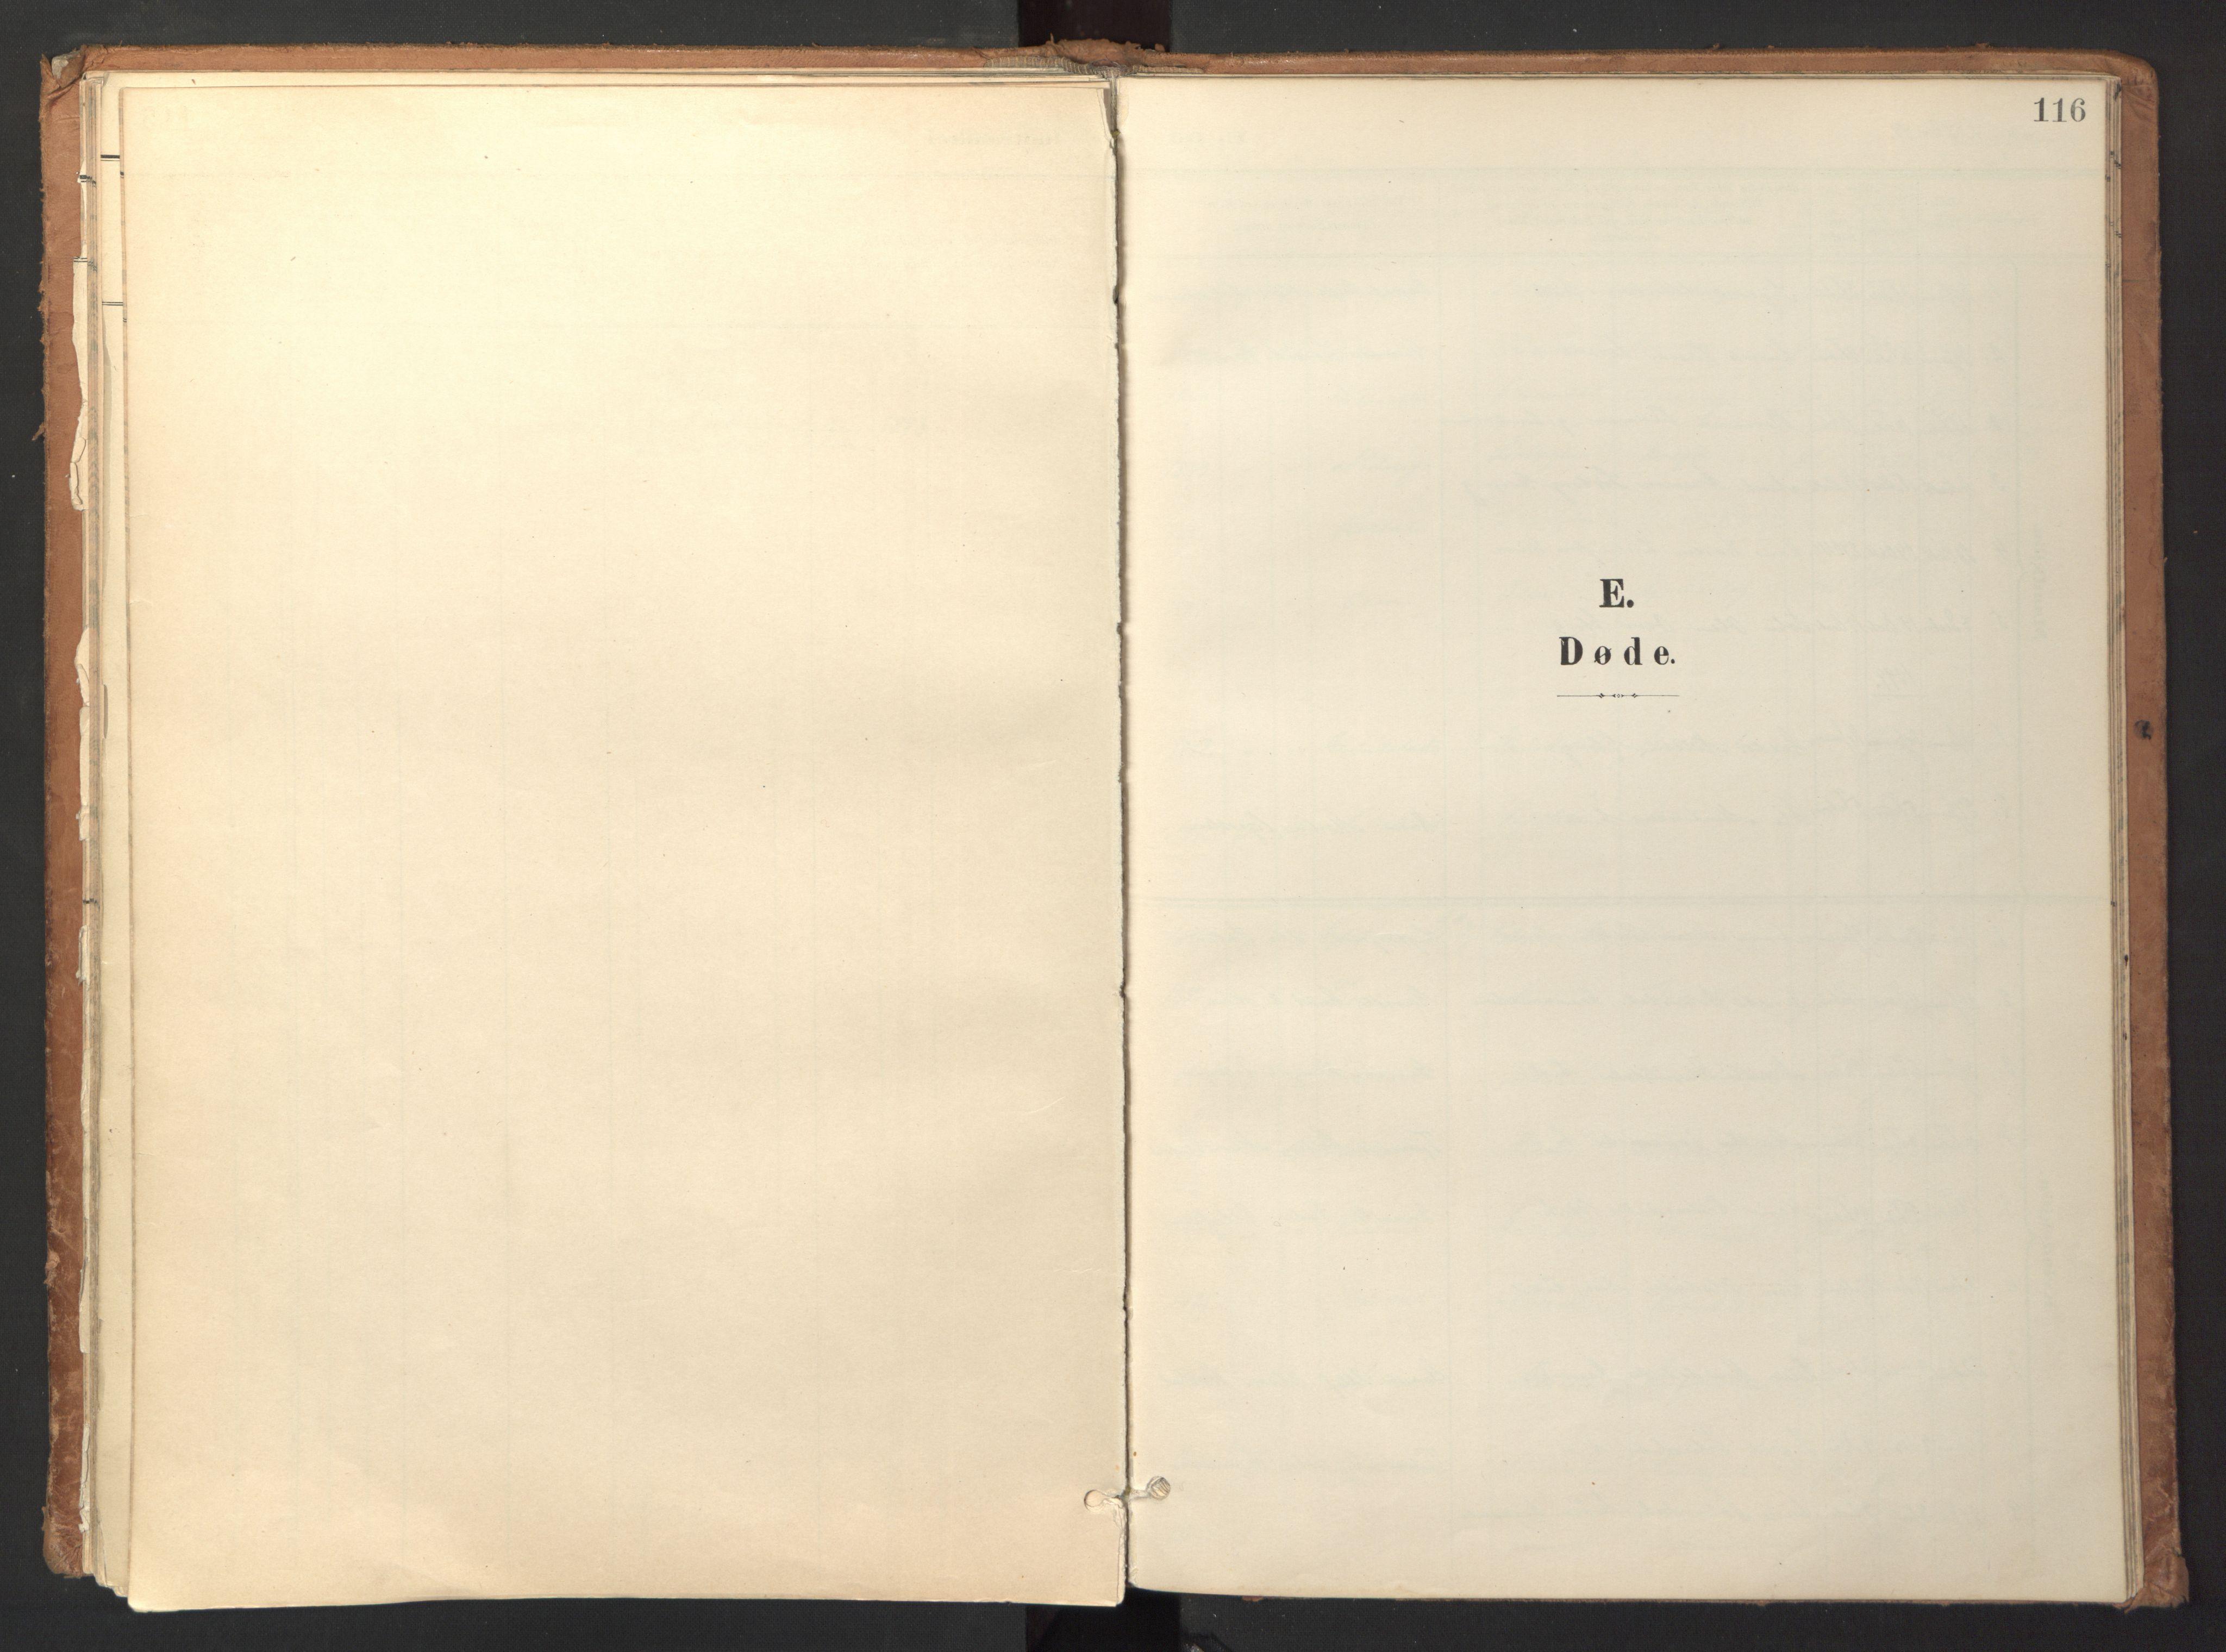 SAT, Ministerialprotokoller, klokkerbøker og fødselsregistre - Sør-Trøndelag, 618/L0448: Ministerialbok nr. 618A11, 1898-1916, s. 116